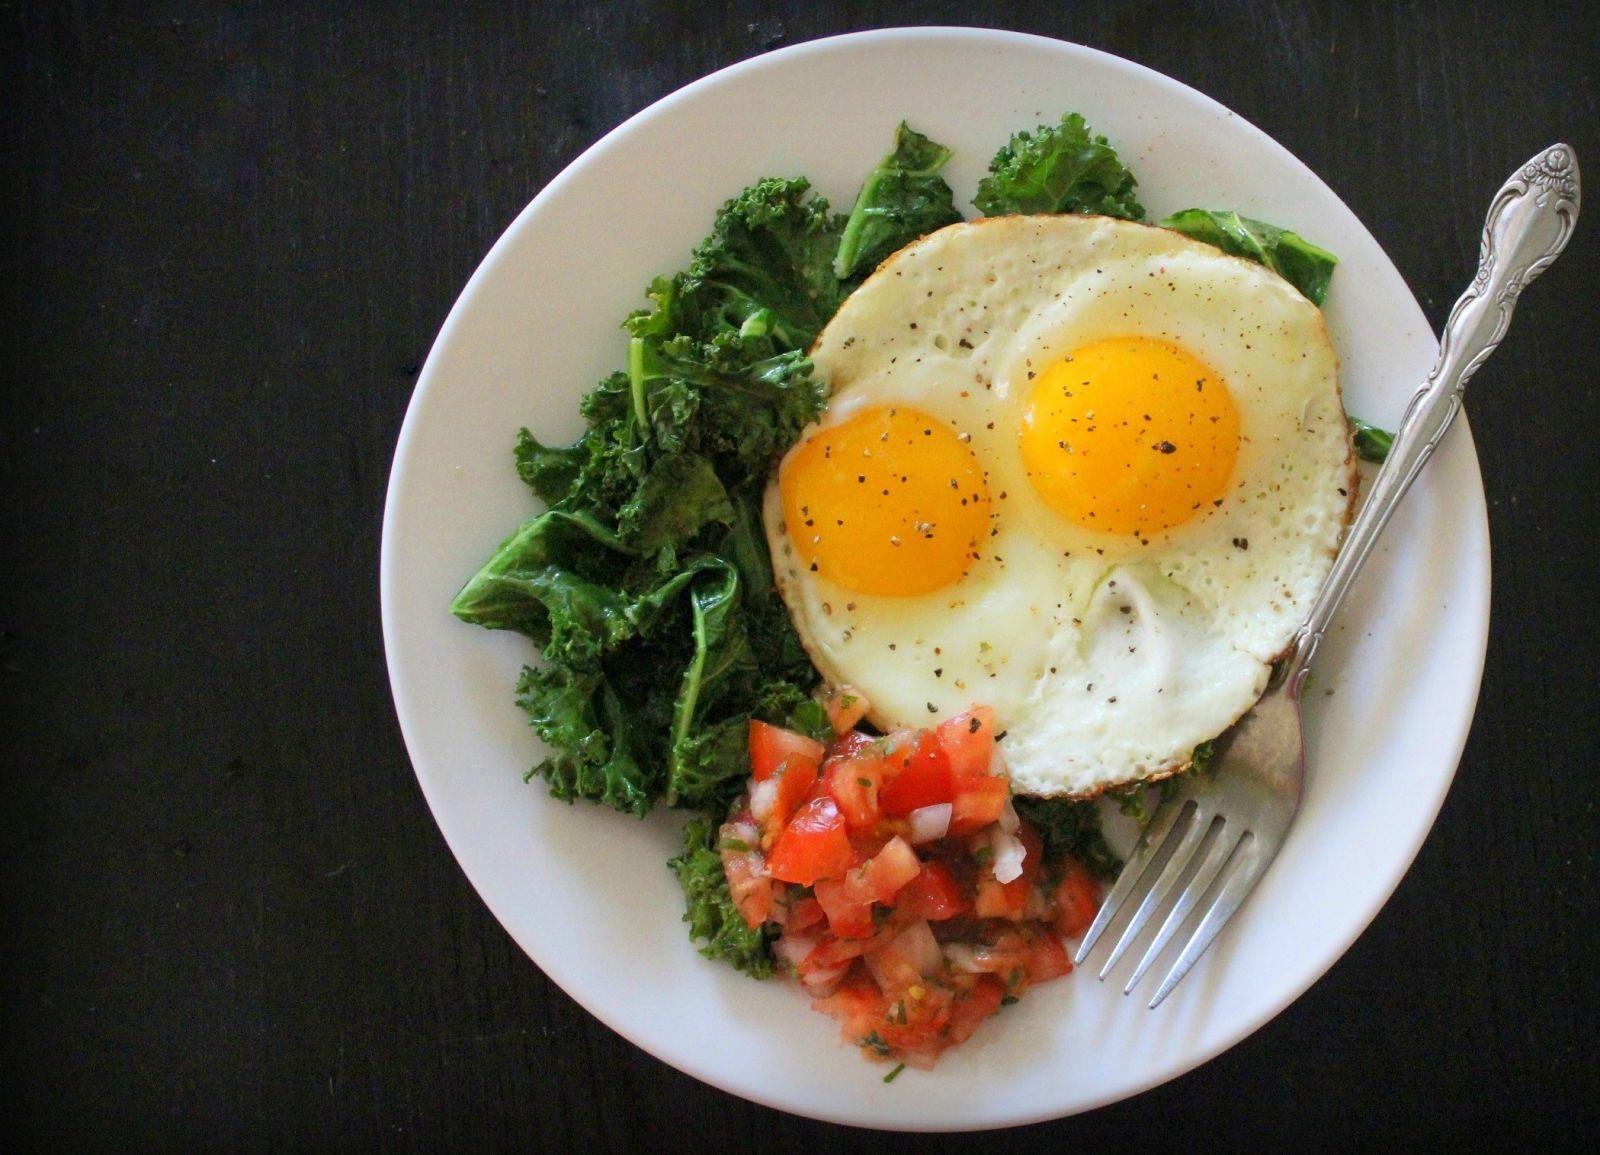 Диета Завтрак Яичница. Диетические завтраки для похудения. Рецепты на каждый день, калорийность